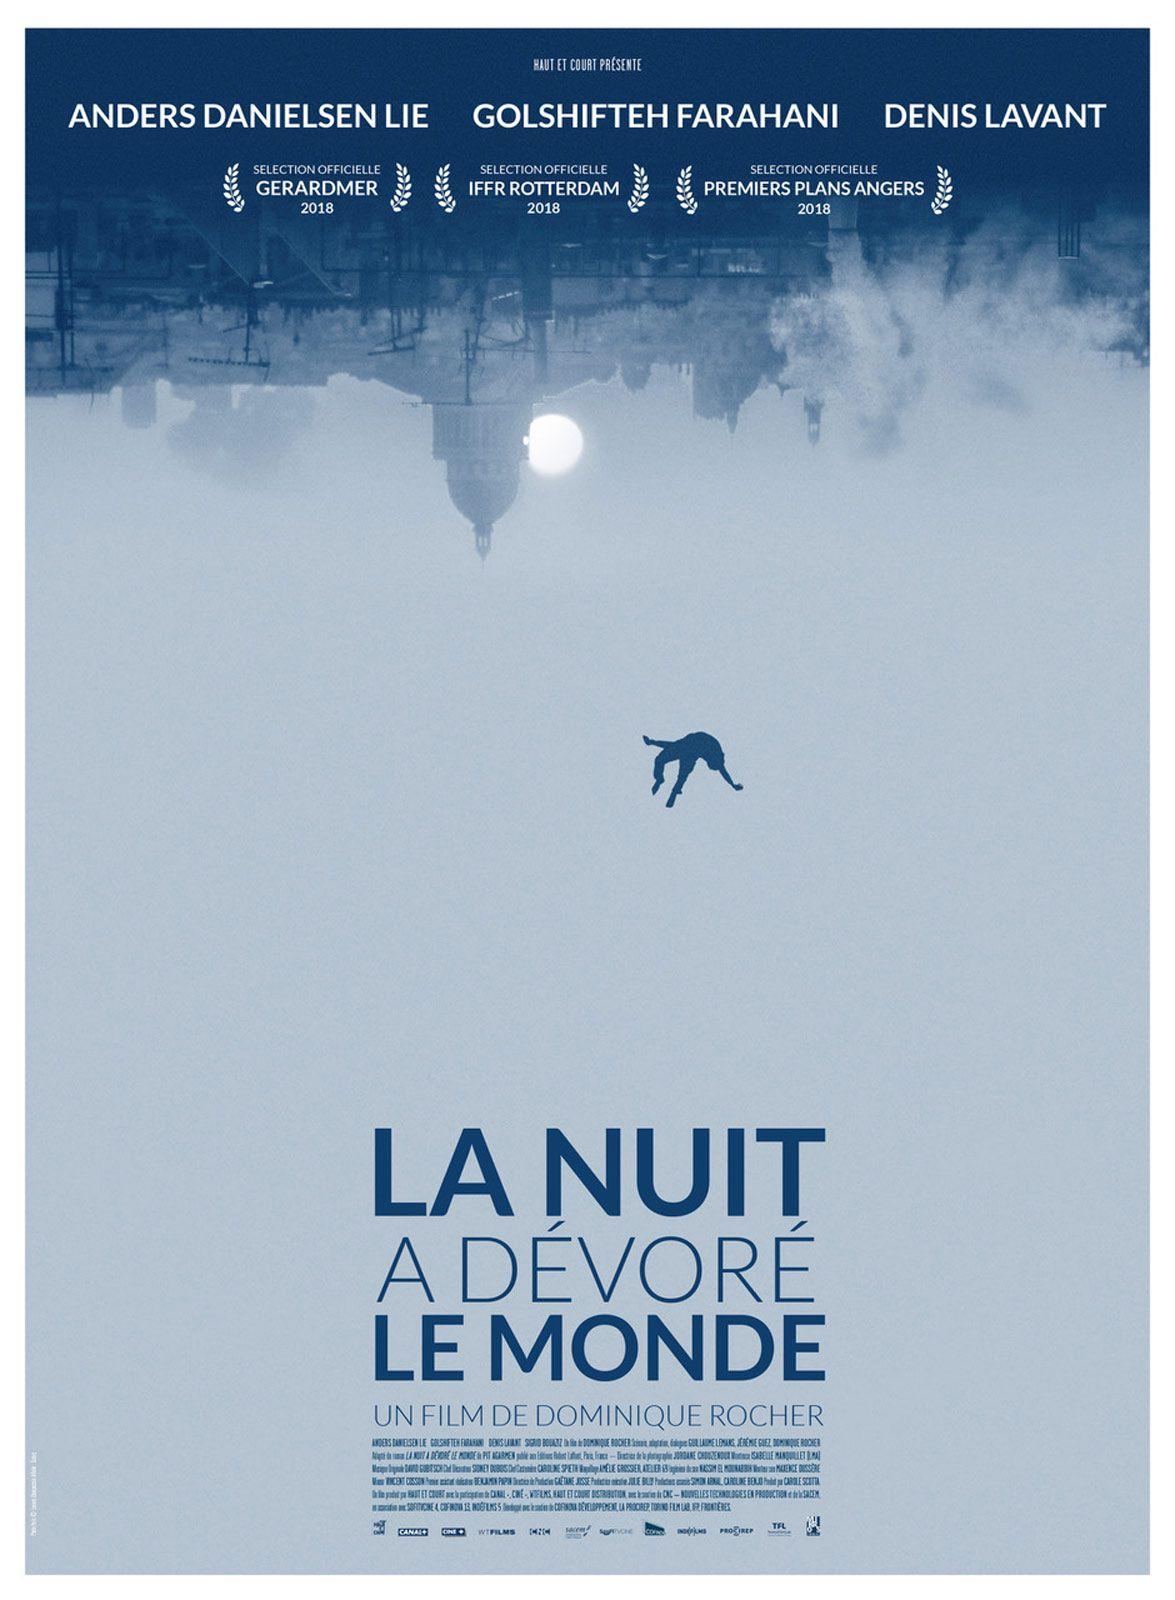 La nuit a dévoré le monde - Film (2018)